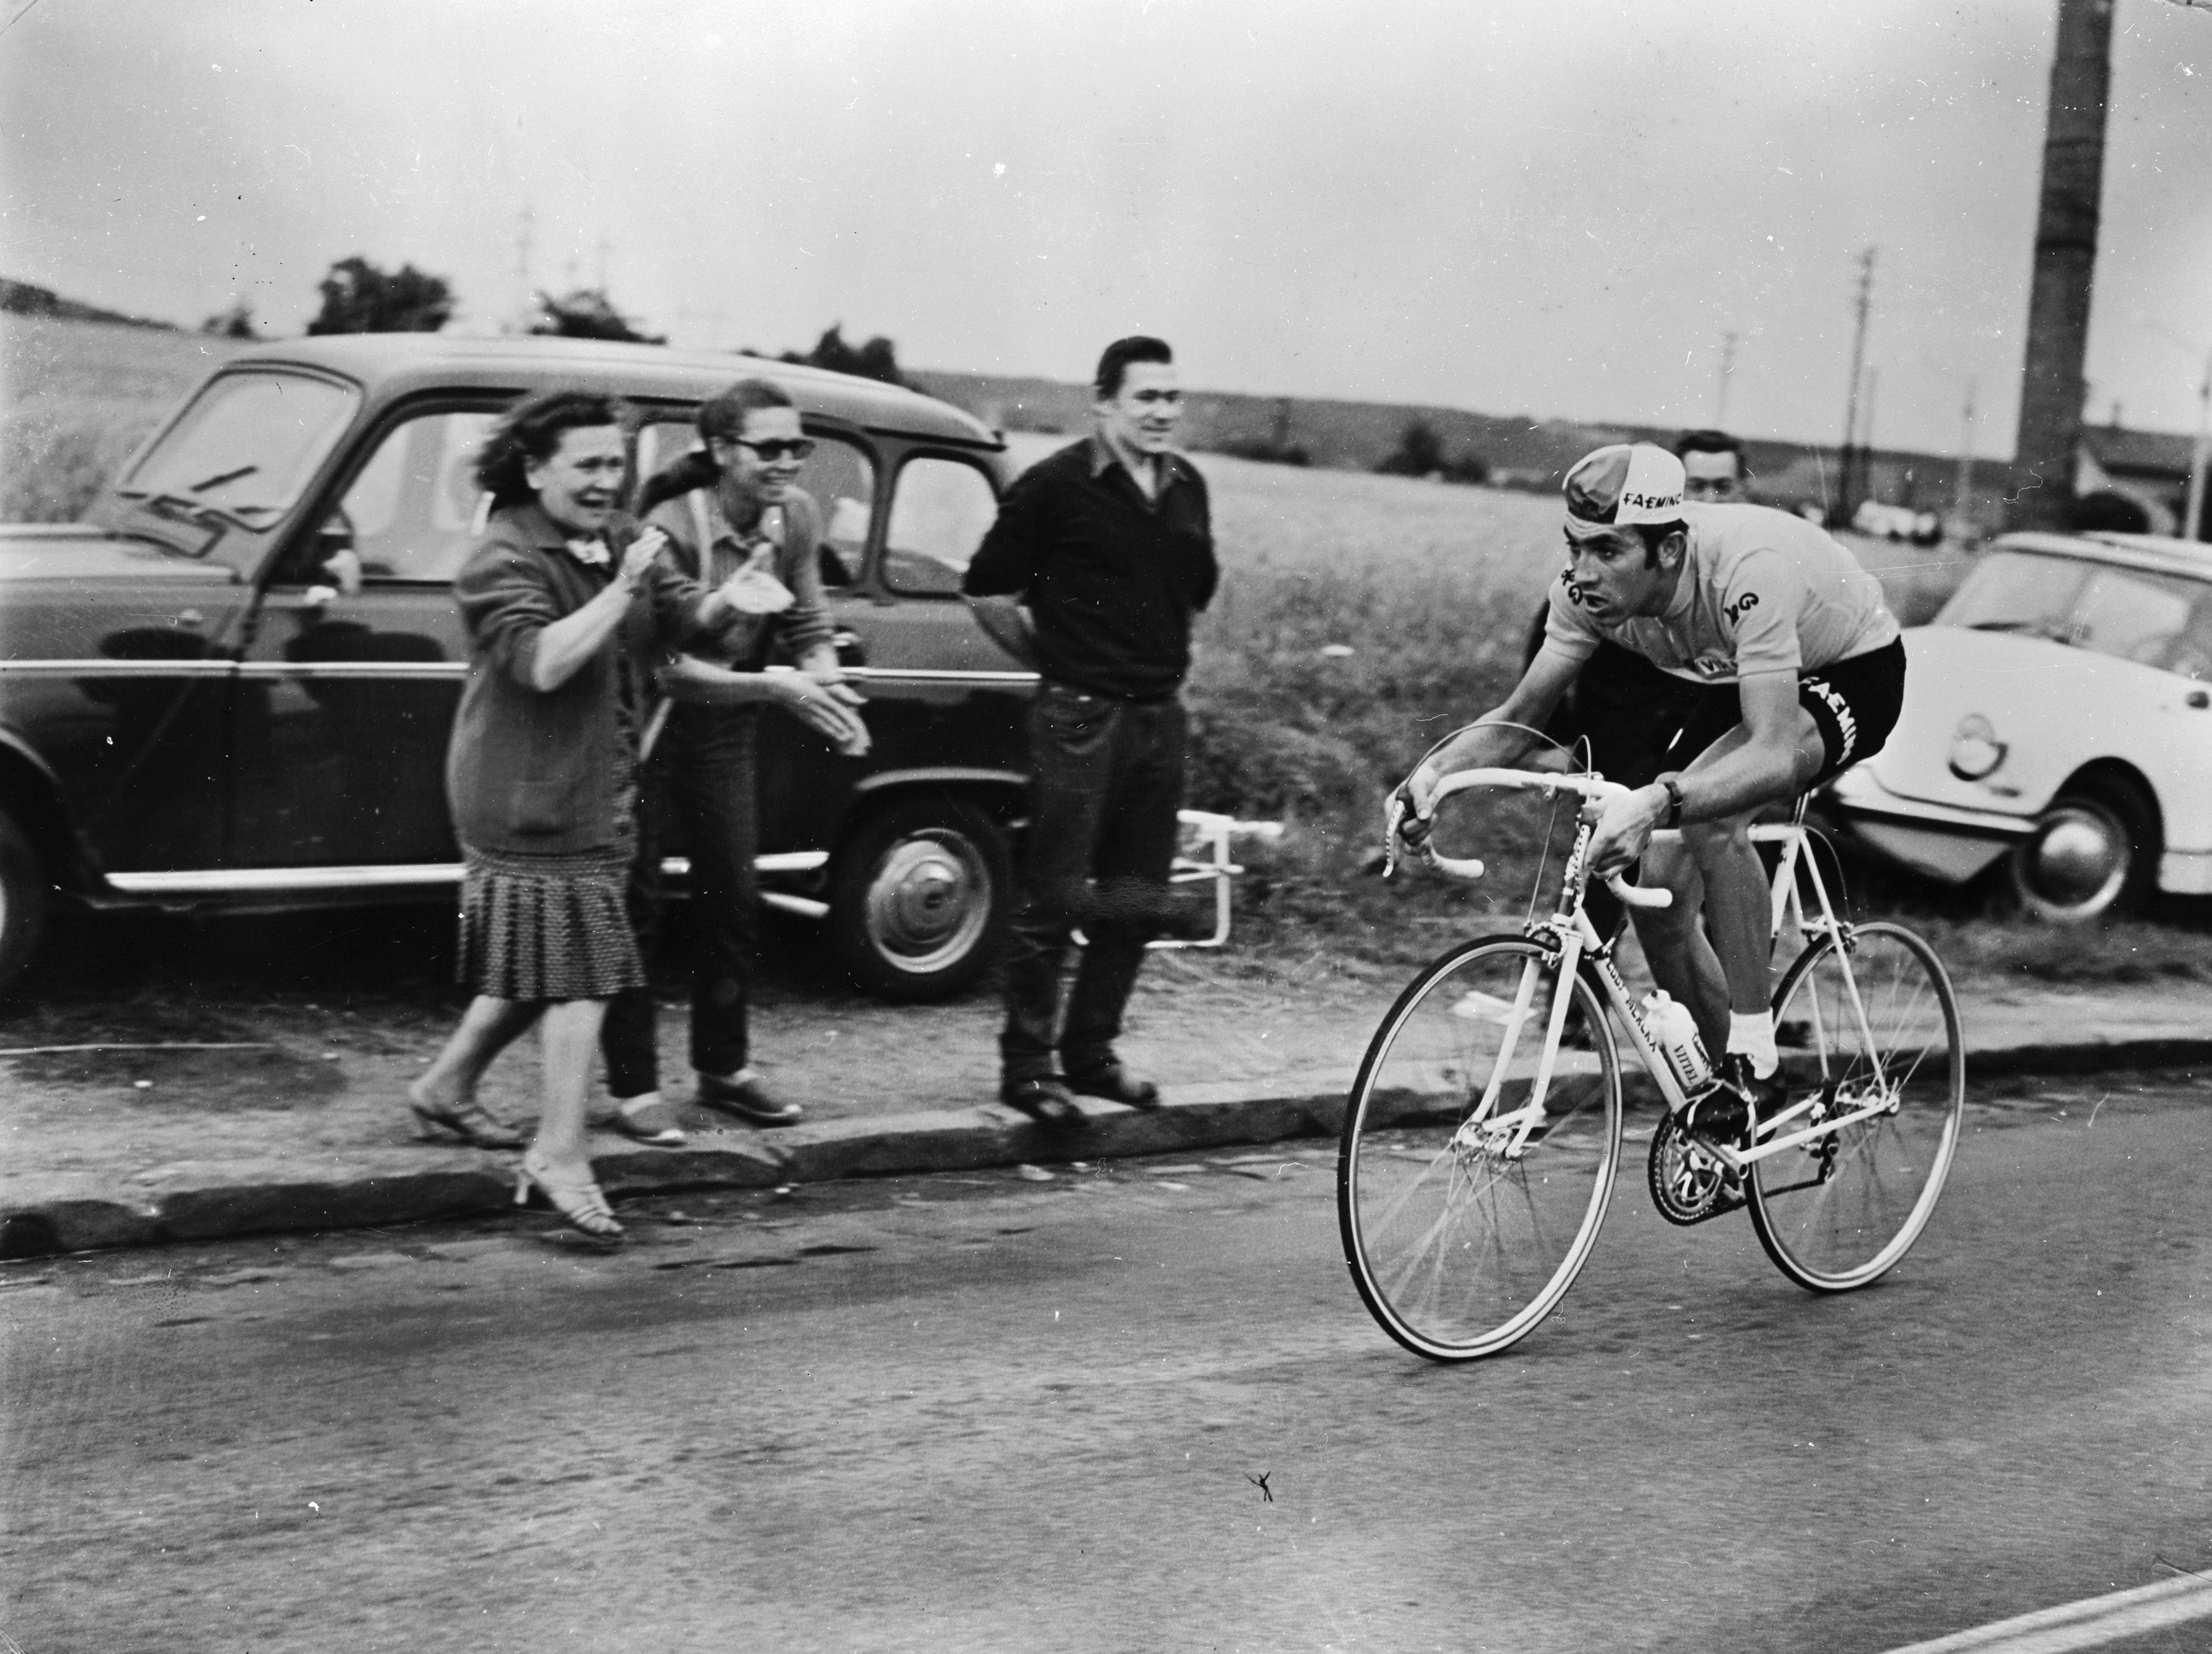 Vintage Photos Of The Tour De France